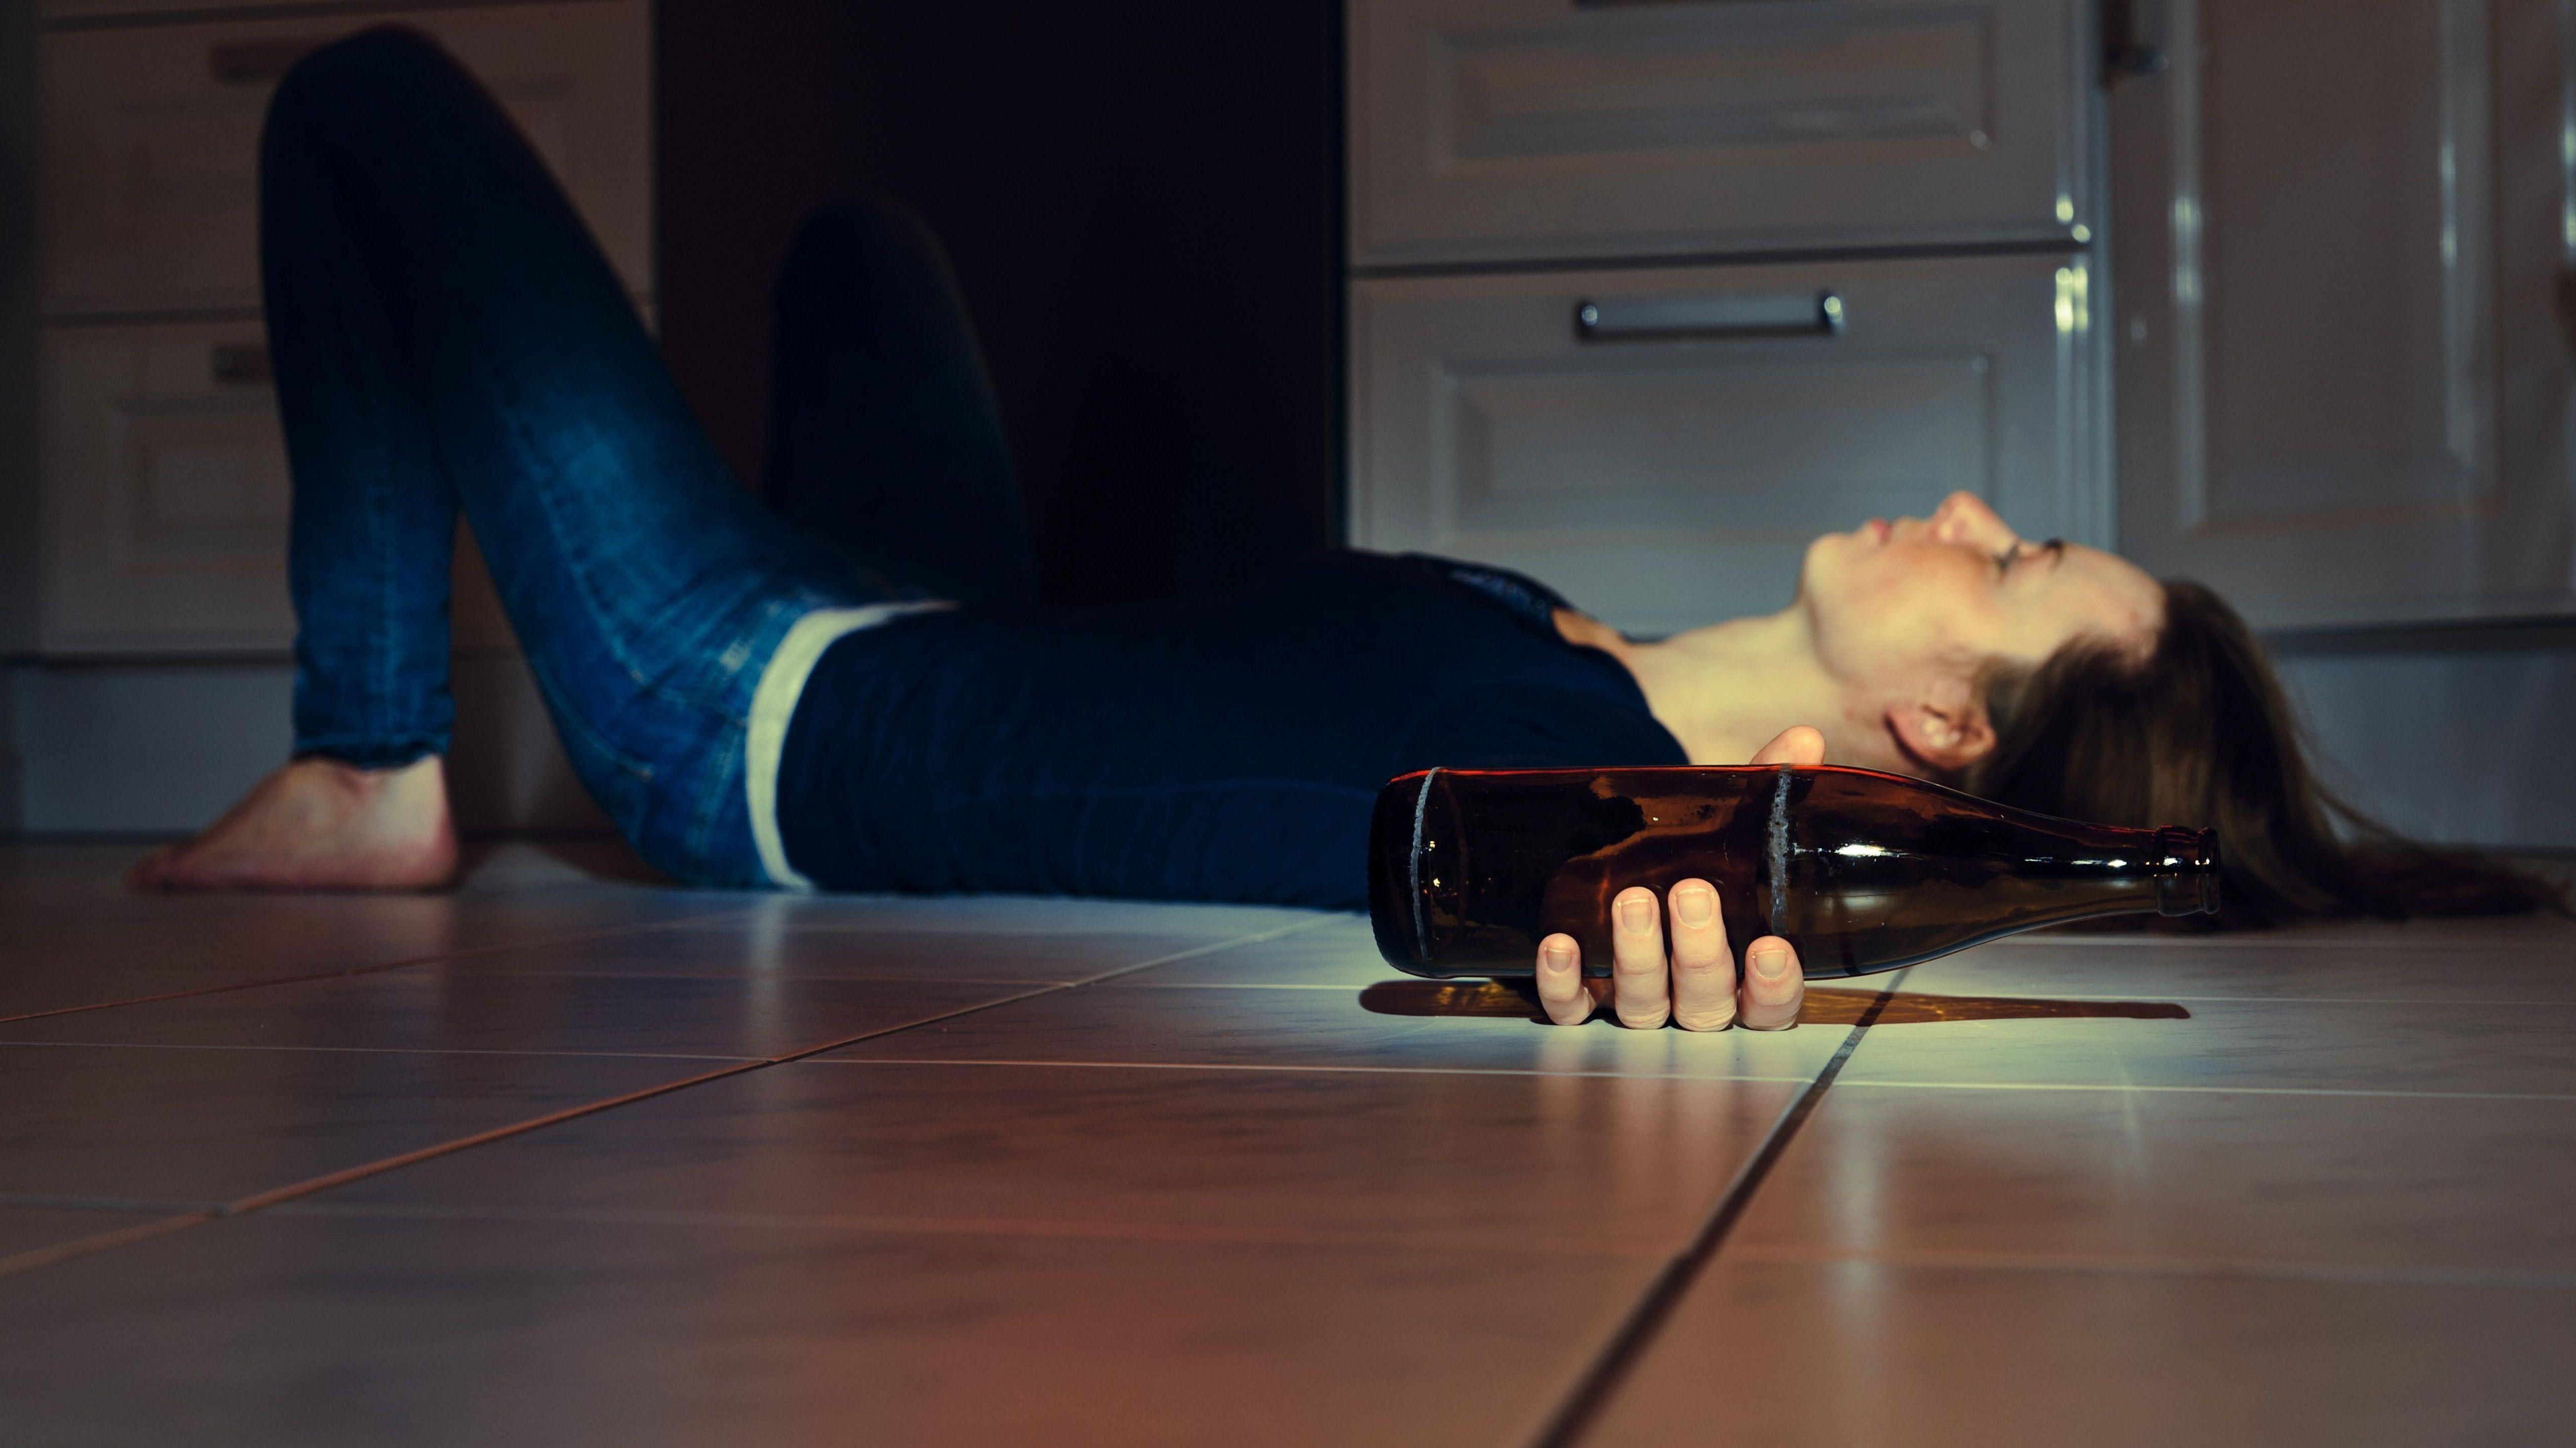 Symbolbild: Eine Frau mit Bierflasche in der Hand liegt auf dem Fußboden.